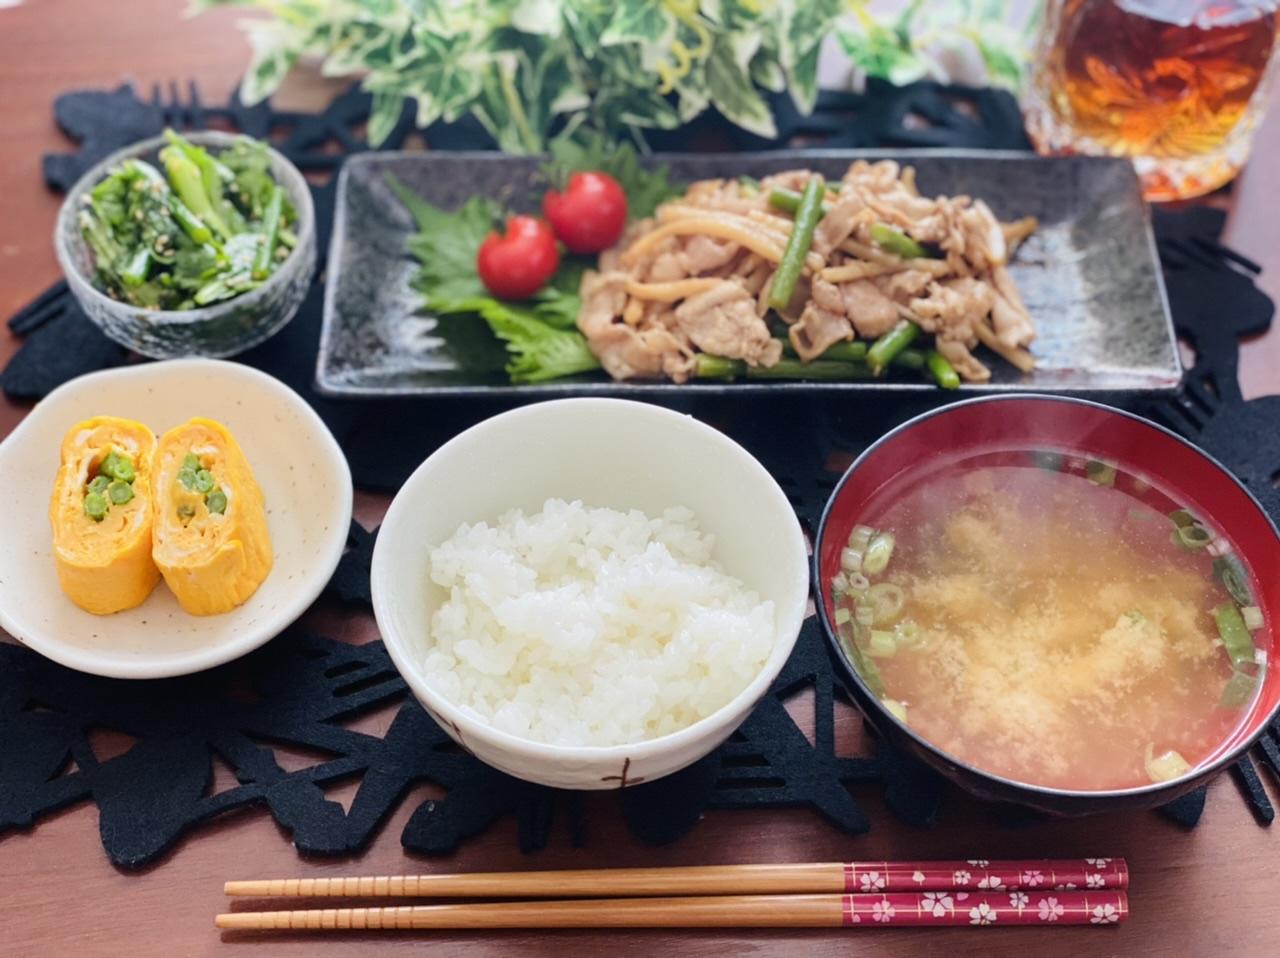 【今月のお家ごはん】アラサー女子の食卓!作り置きおかずでラク晩ご飯♡-Vol.26-_5